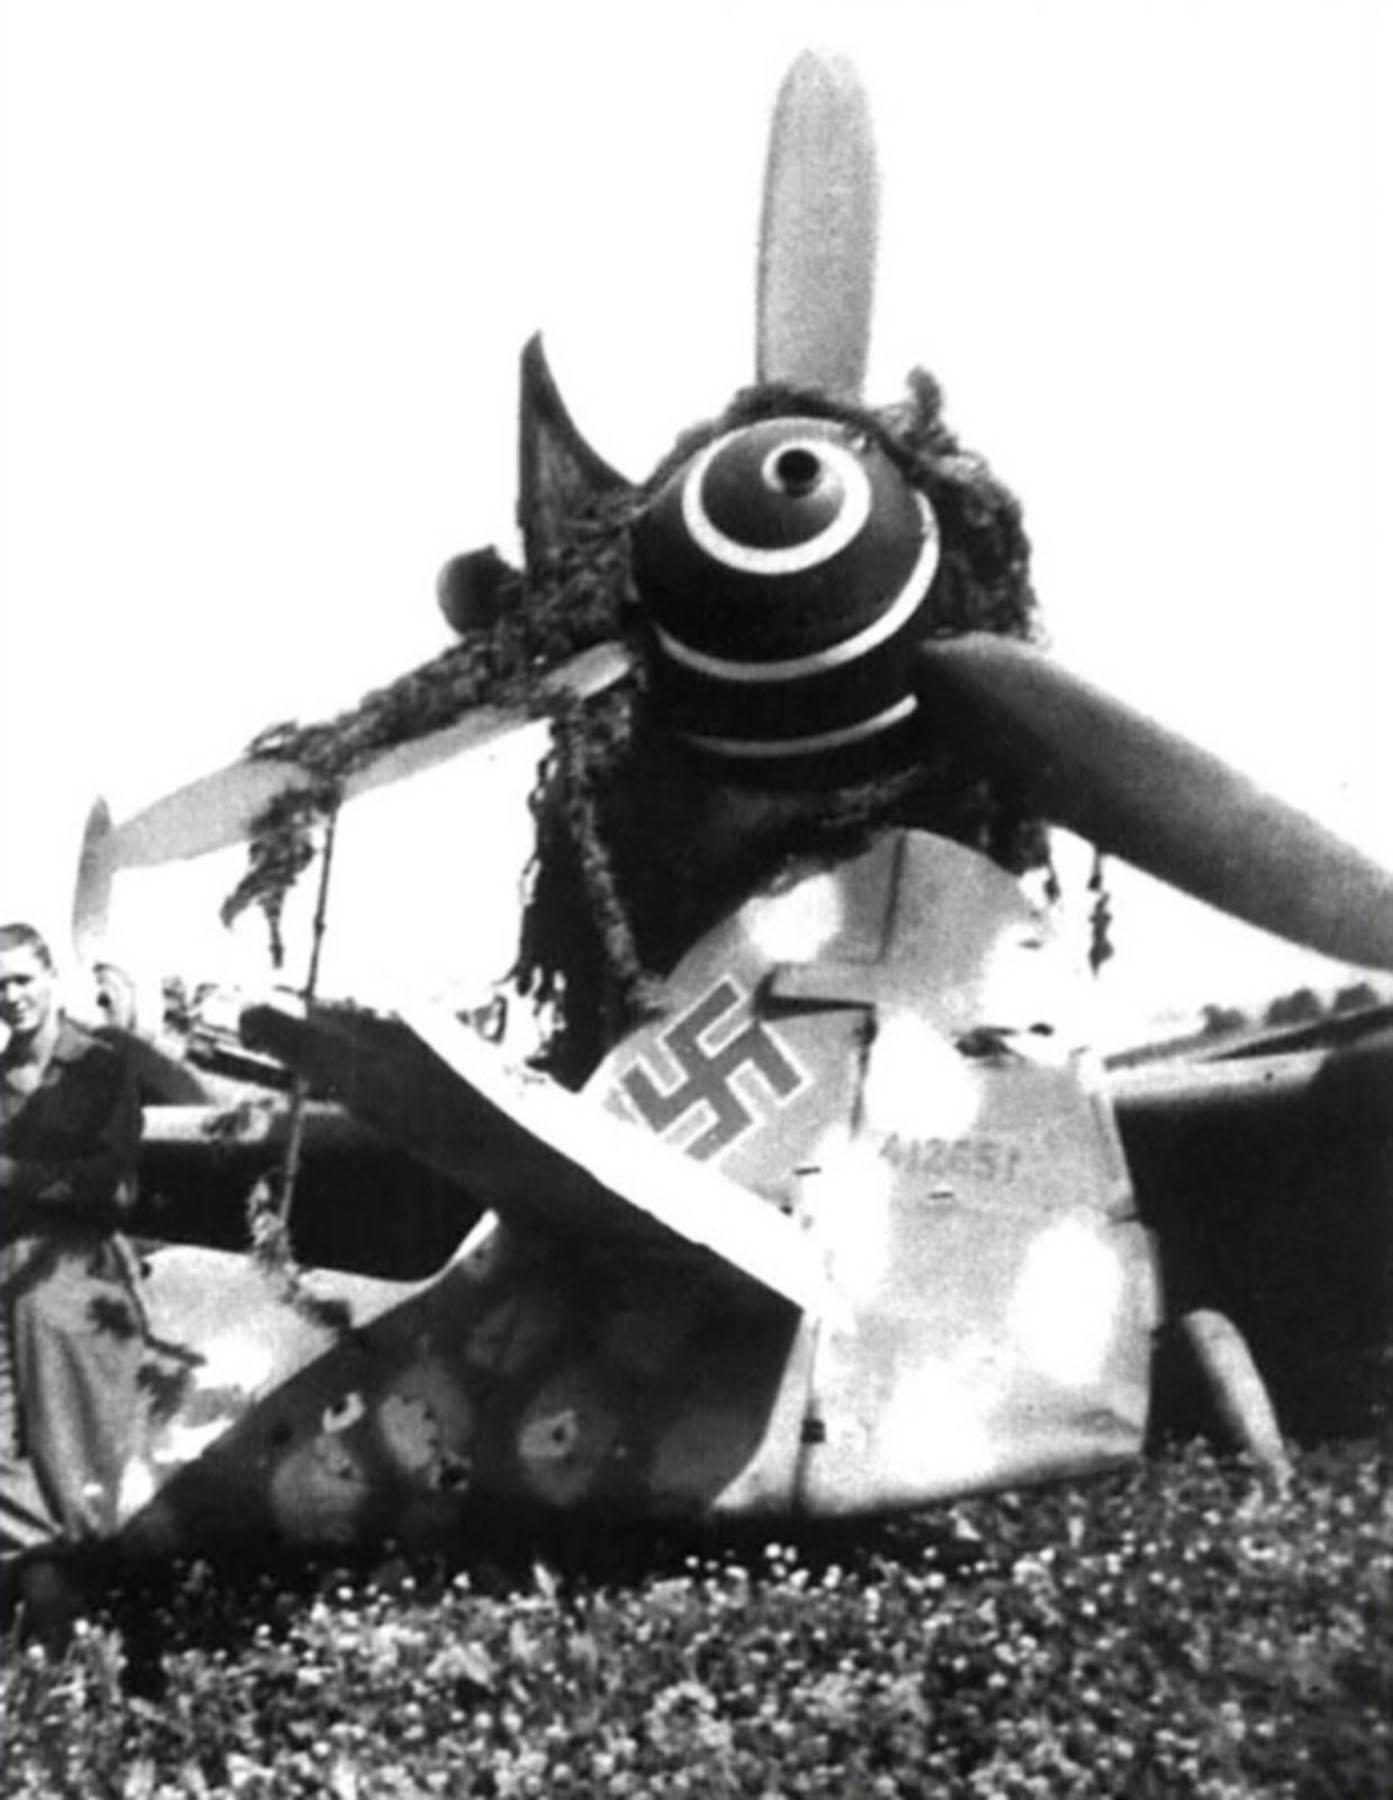 Messerschmitt Bf 109G6 Reichsverteidigung WNr 412651 unknown unit and pilot 1945 02